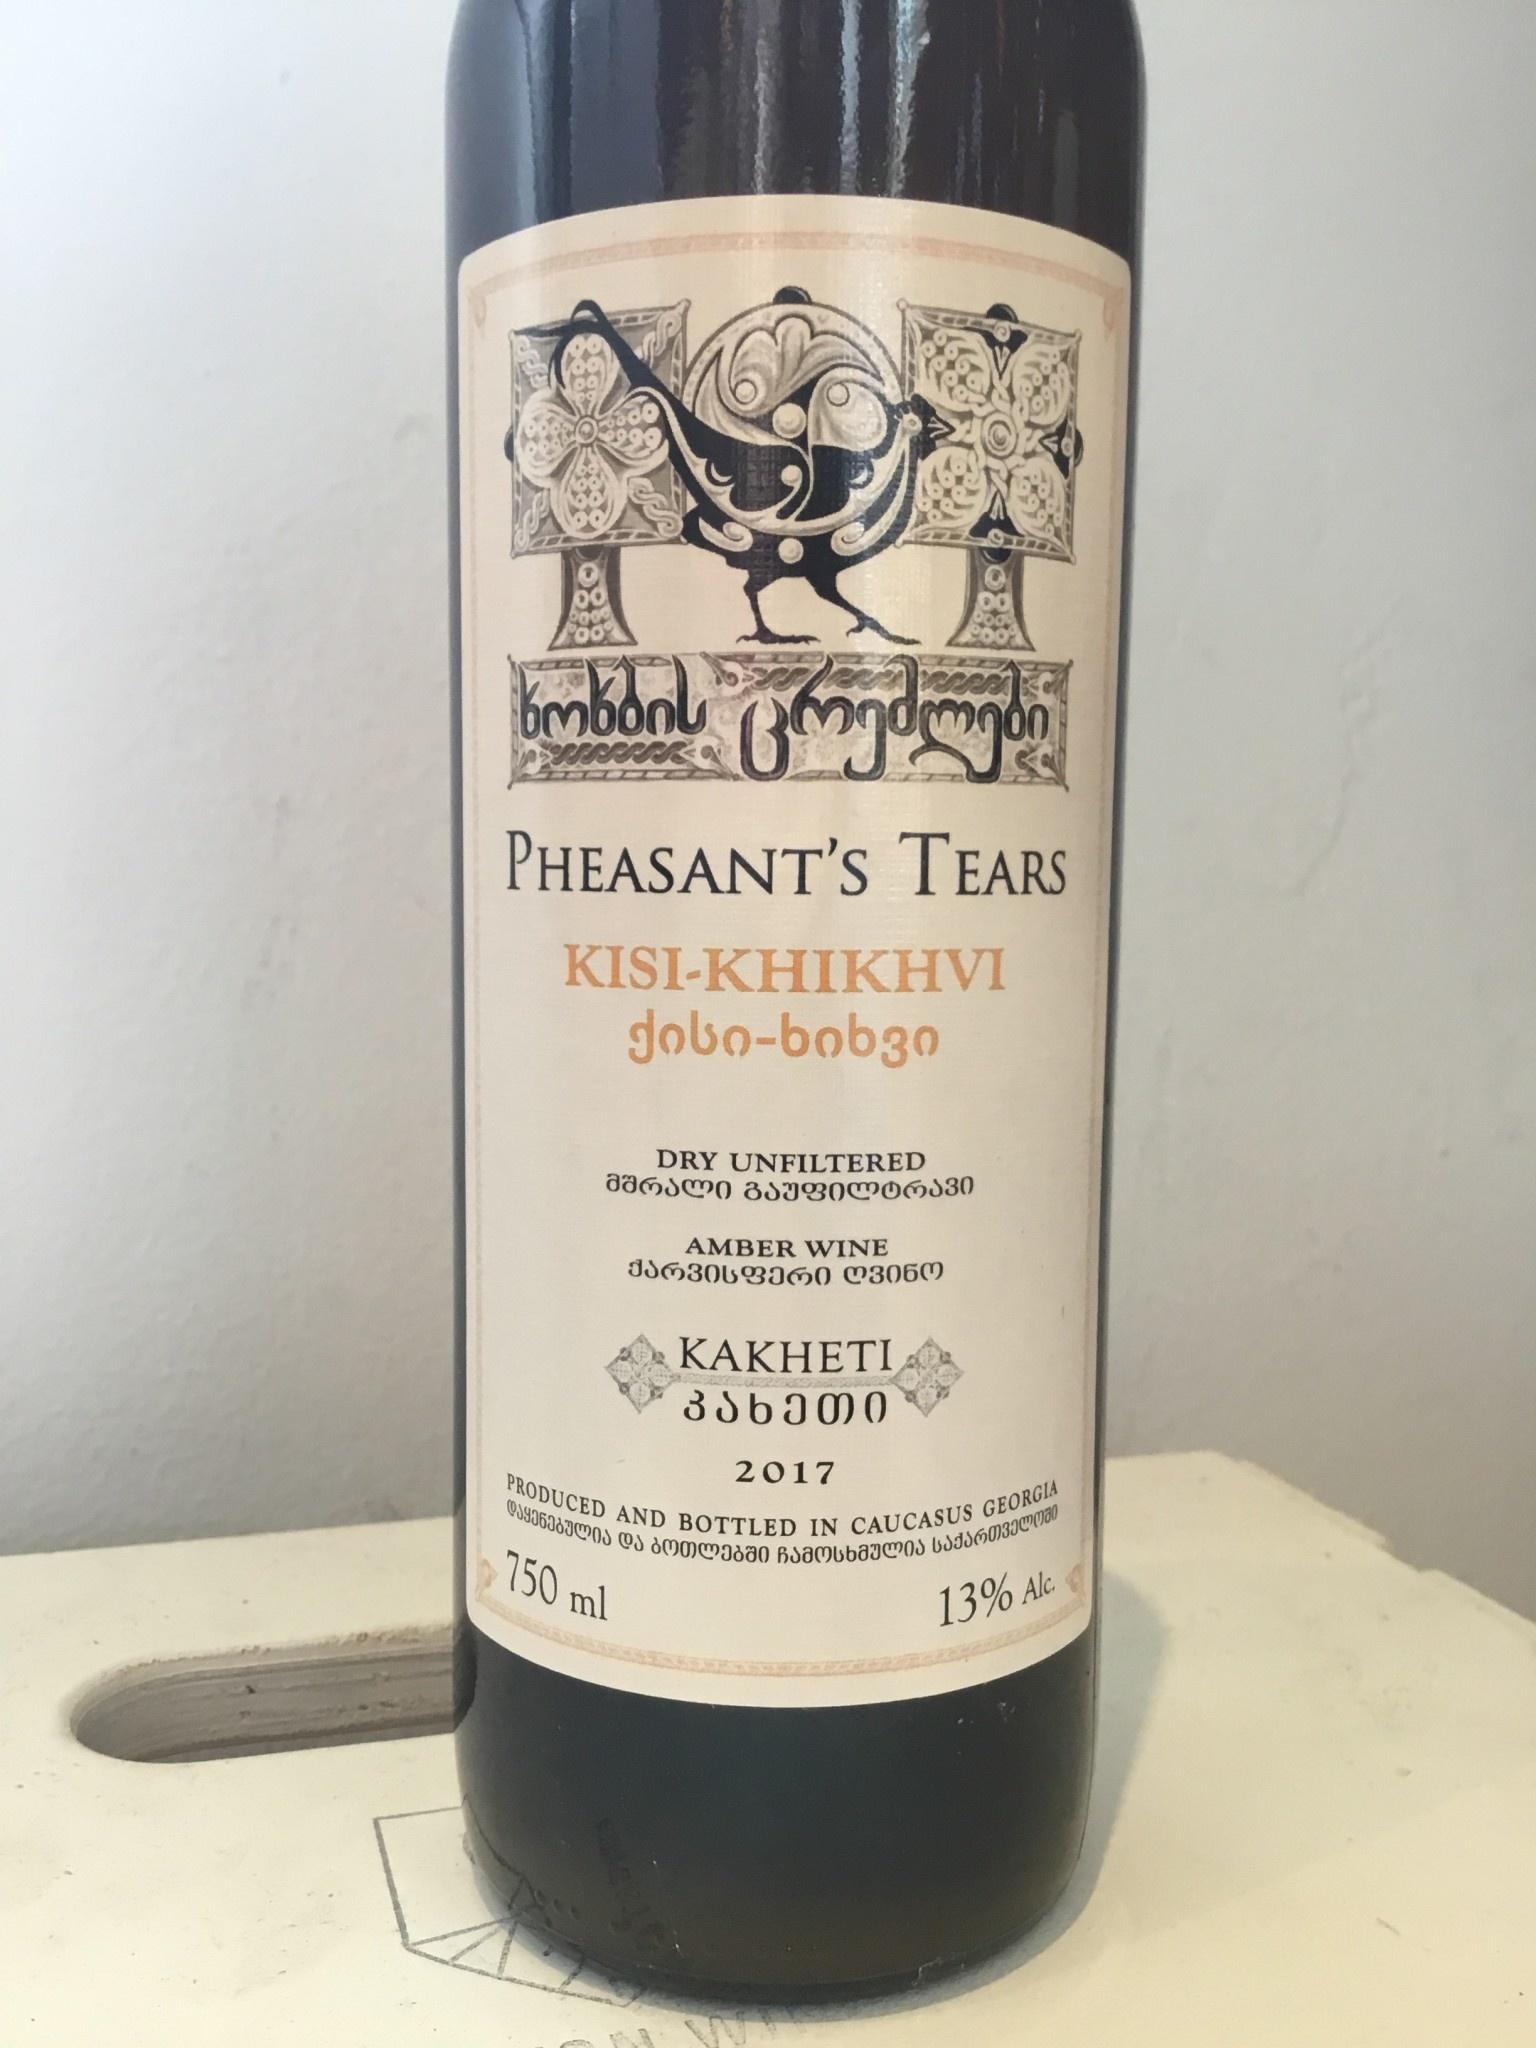 2017 Pheasant's Tears Kisi-Khikhvi, 750ml